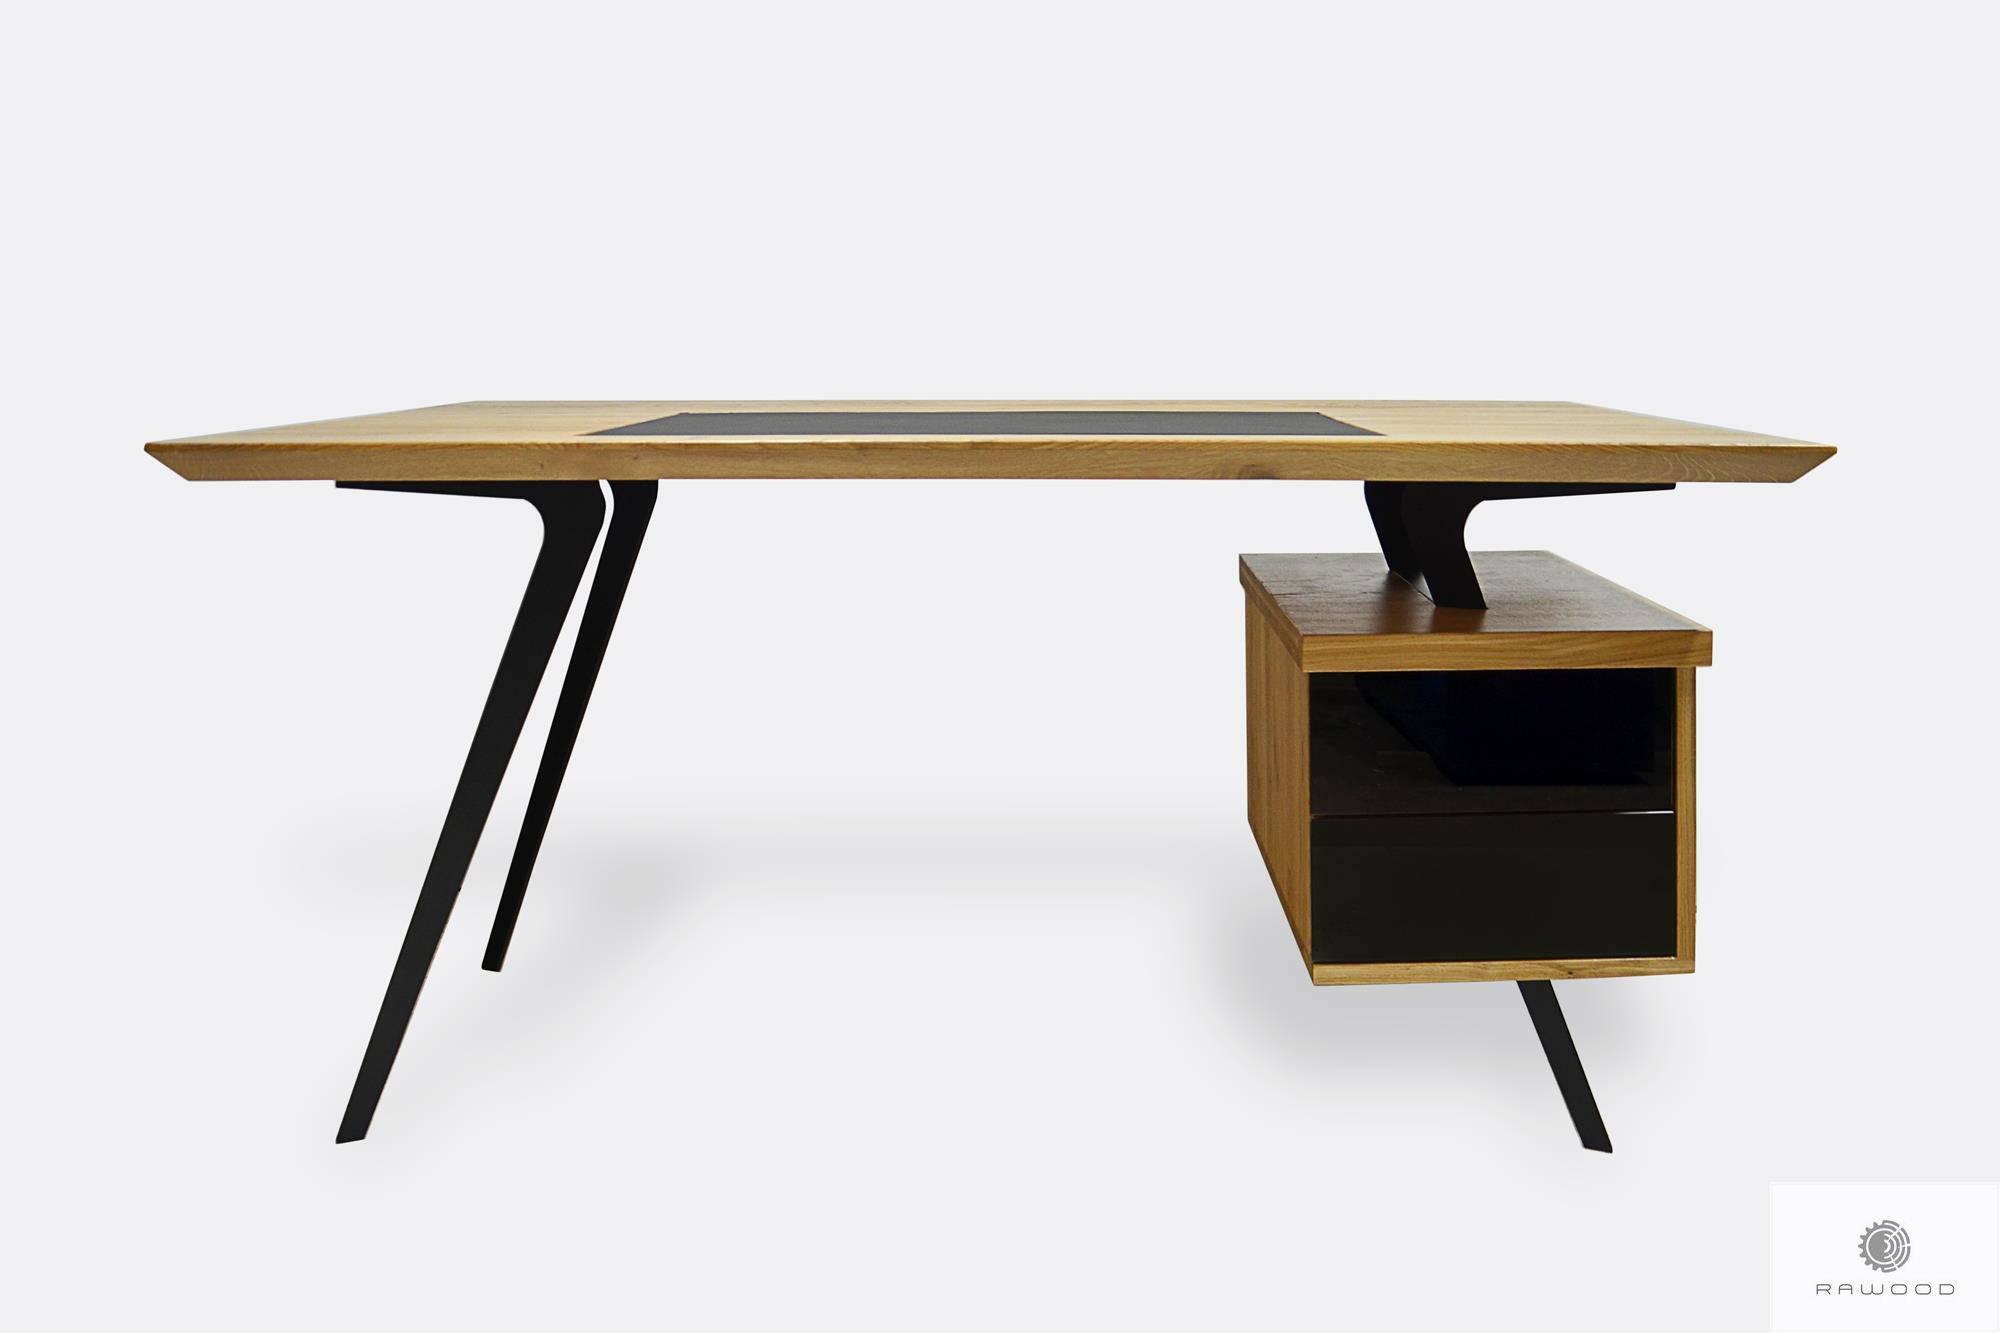 Designerskie biurko dębowe na metalowych nogach do biura VITA